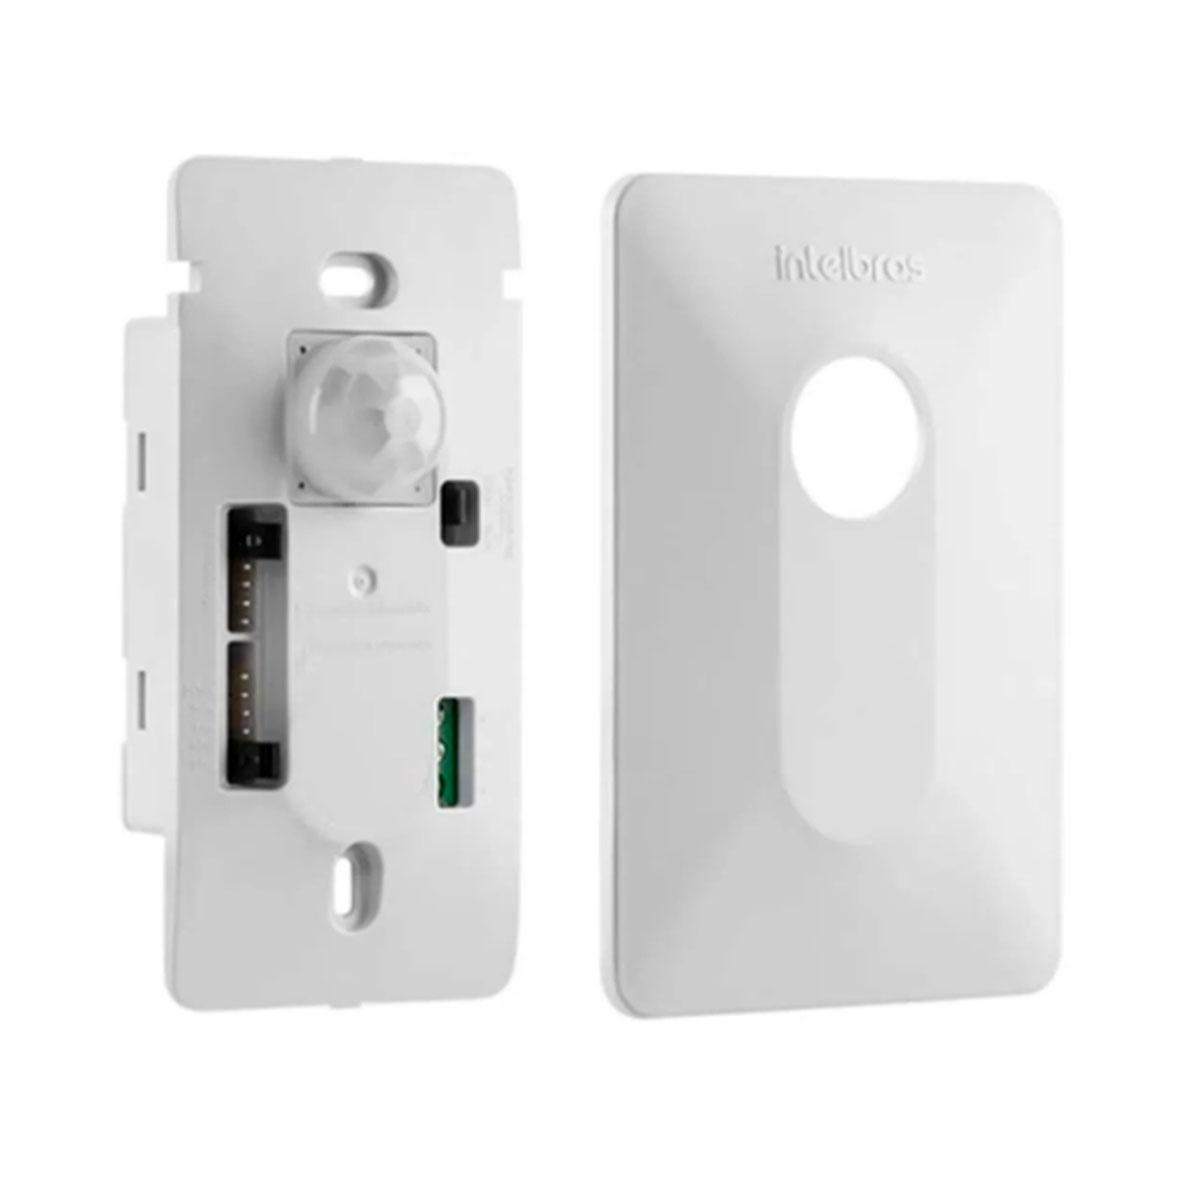 Kit 8 Interruptor Intelbras Presença e Iluminação Espi 180 E